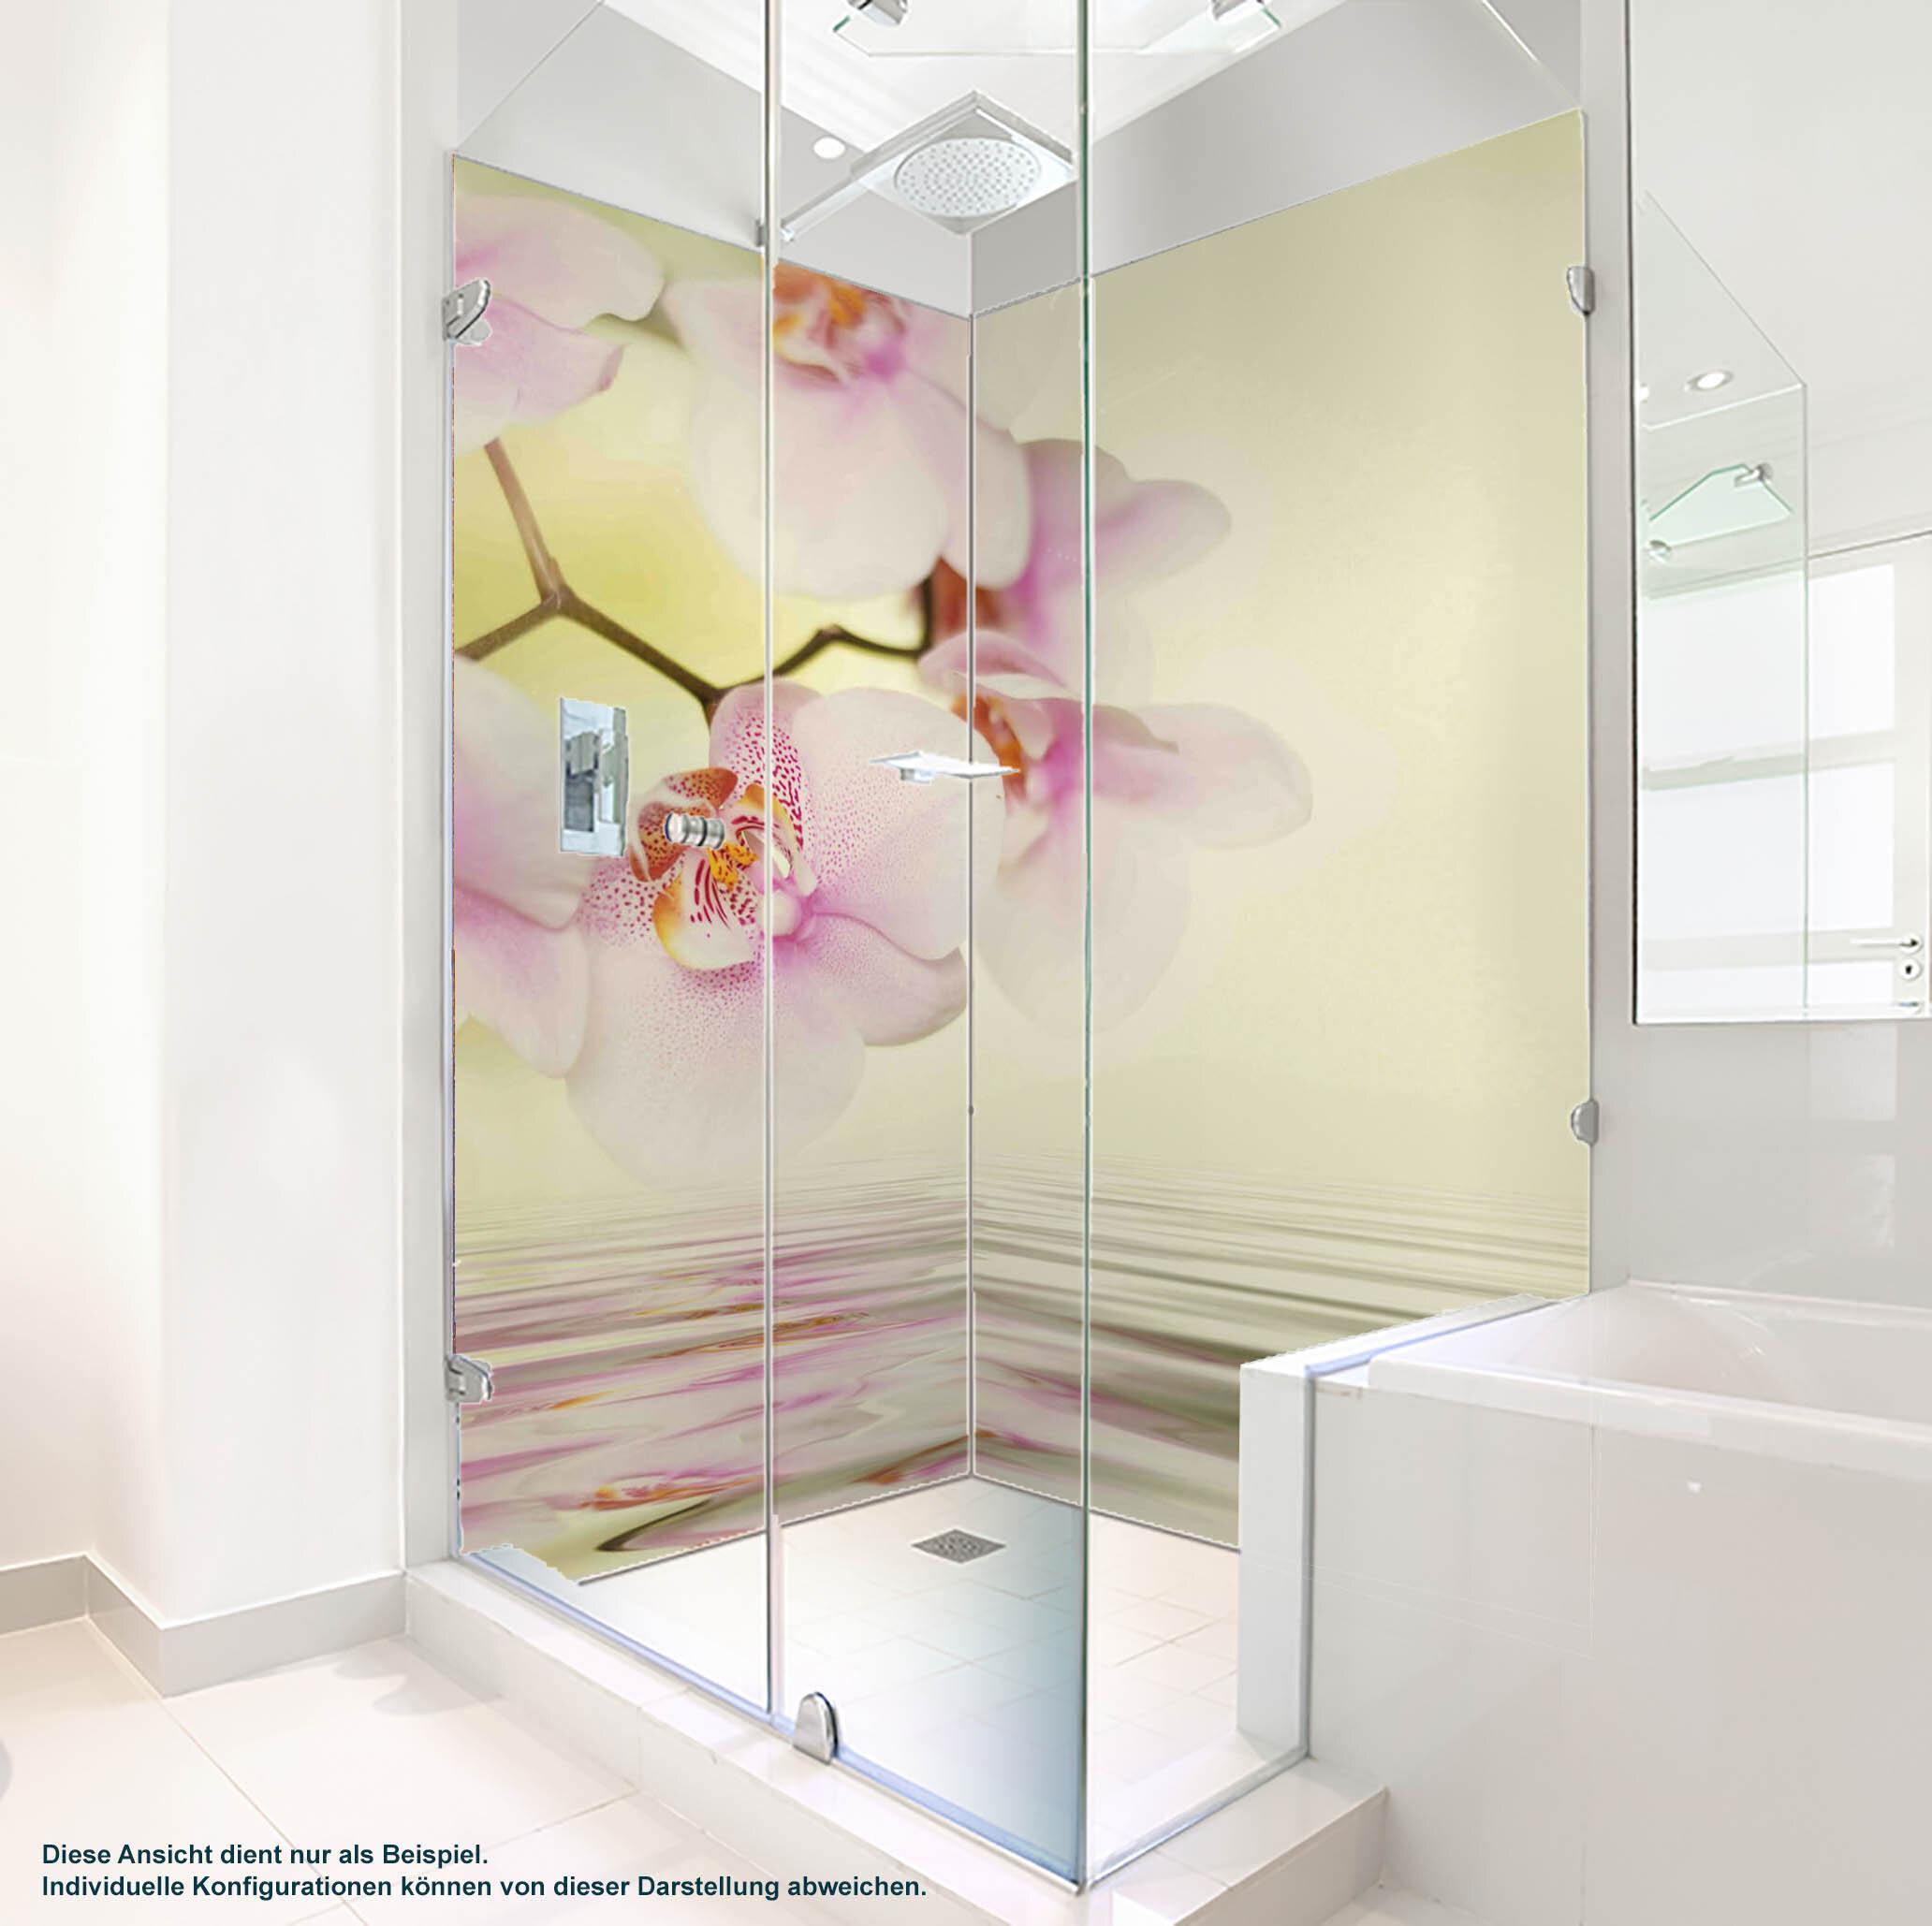 Dusche PlateART Duschrückwand mit Motiv Wellness Orchidee